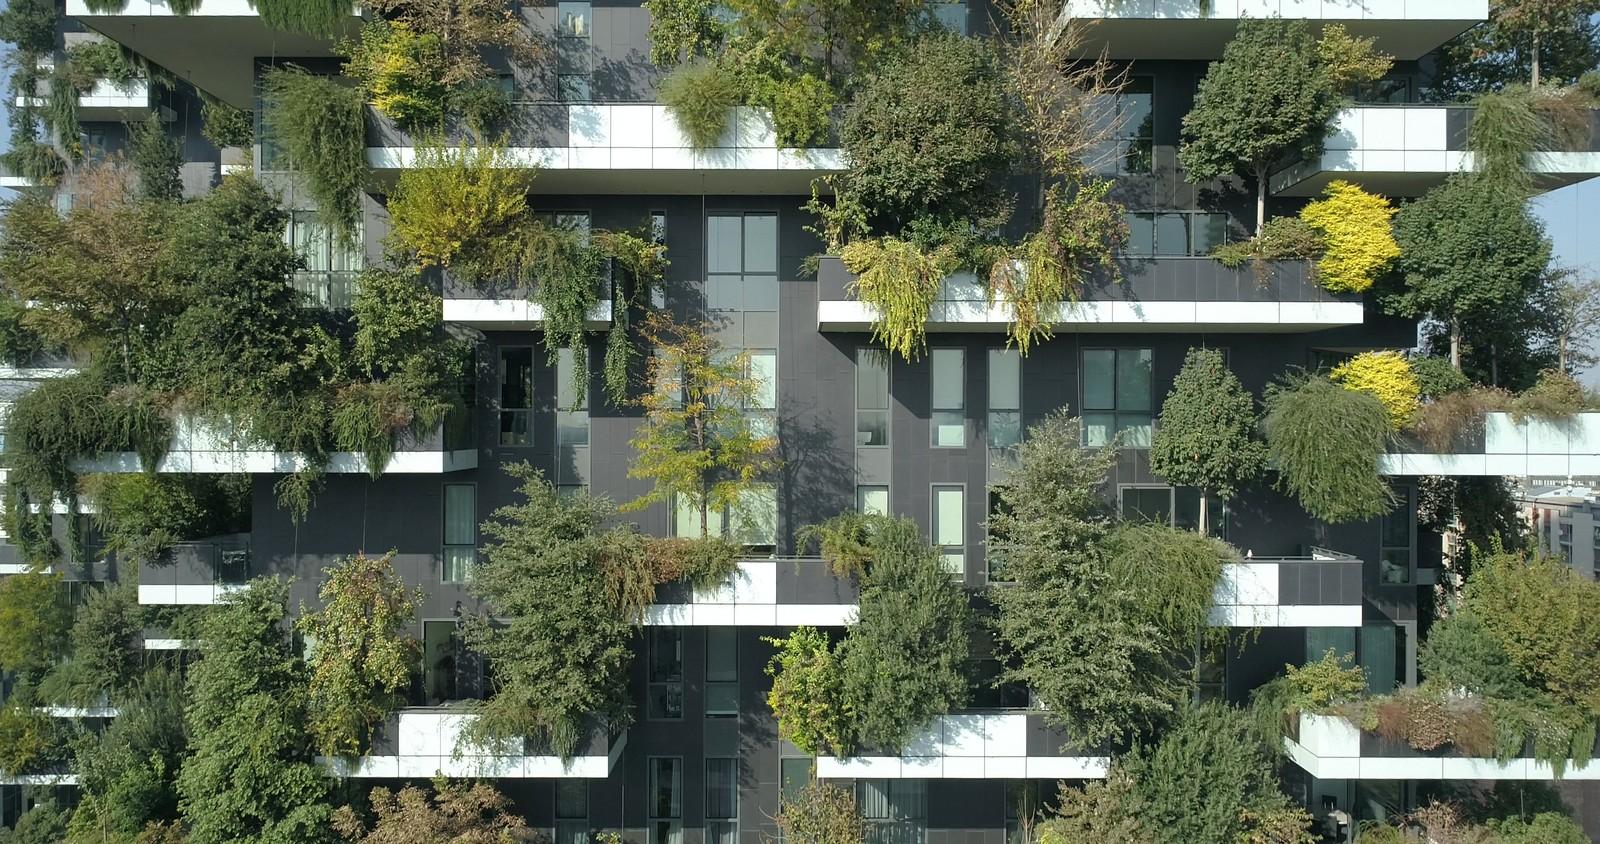 Fassadenbegrünung trägt im Sommer durch Verdunstungskälte zur Abkühlung in der Stadt bei.